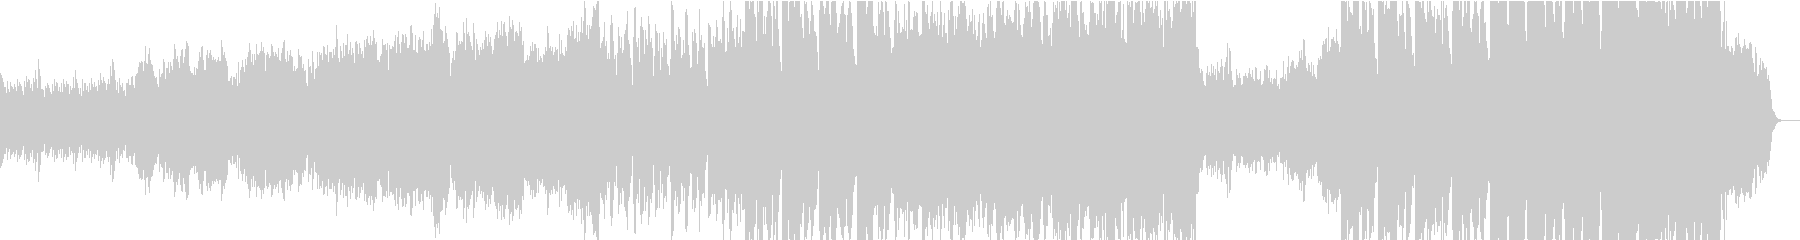 静かなピアノ~壮大なオケ②打楽器なし版の未再生の波形